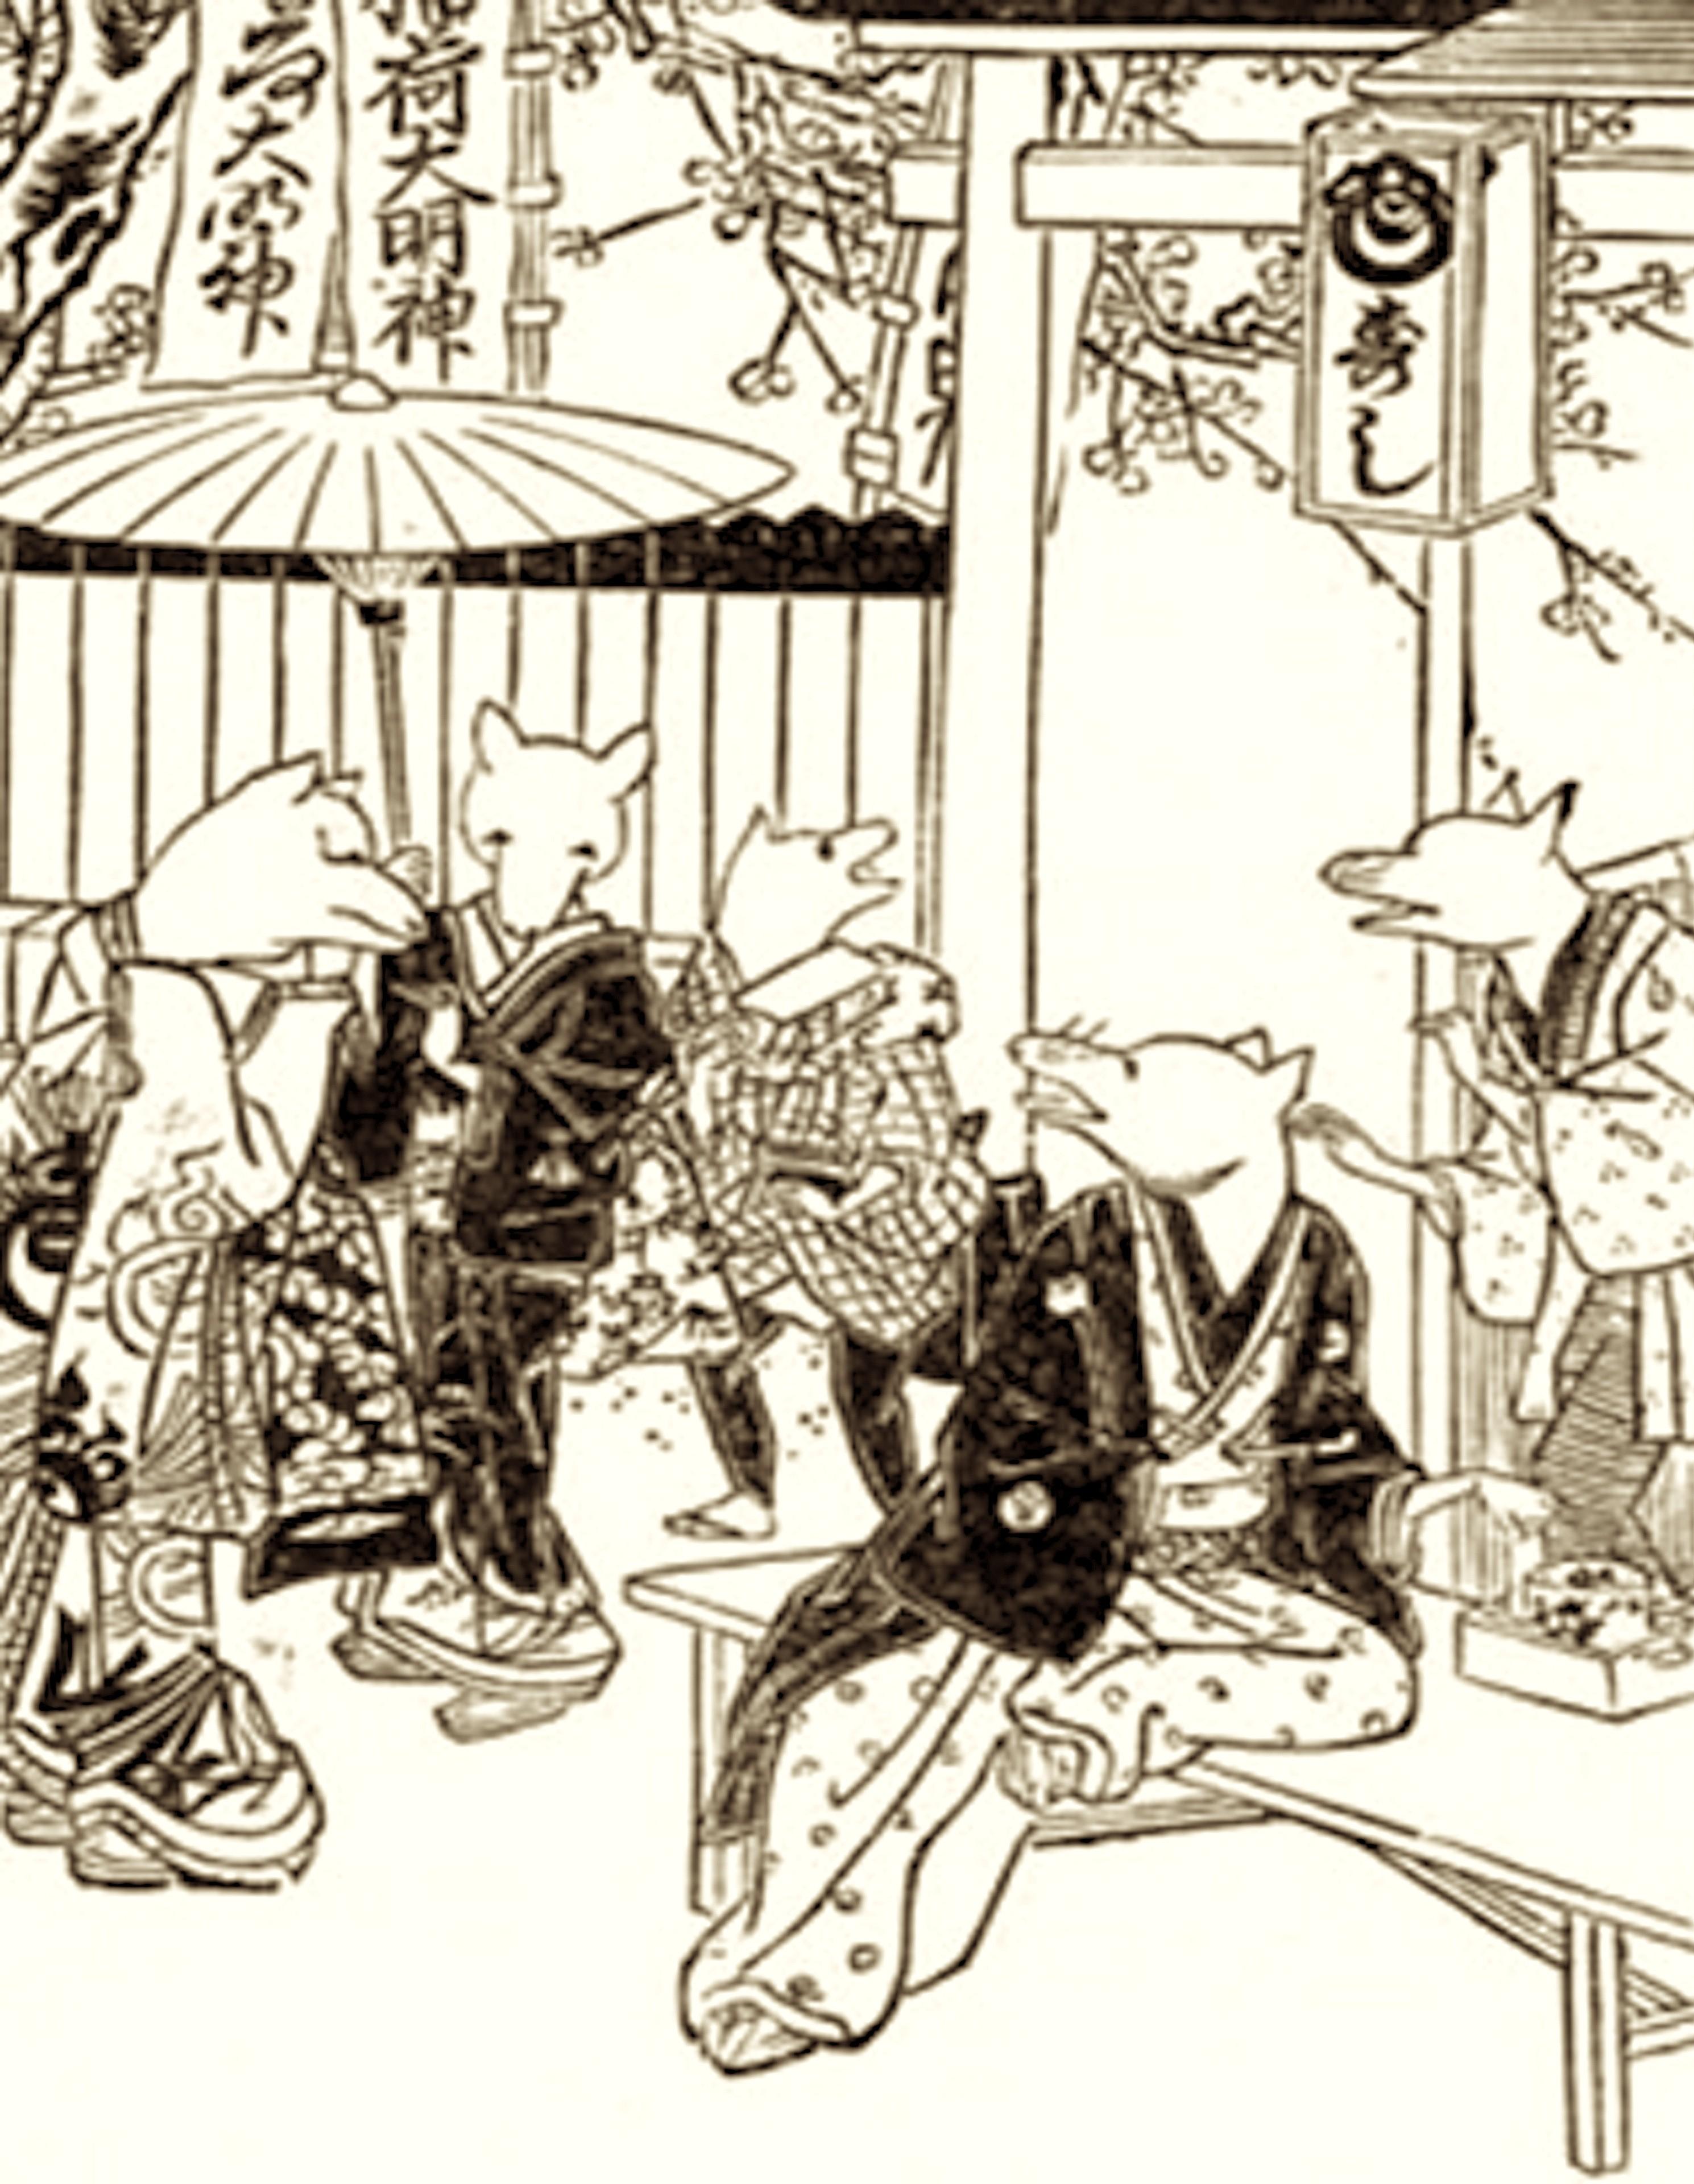 Het huwelijk van de vos (foto Pinterest)